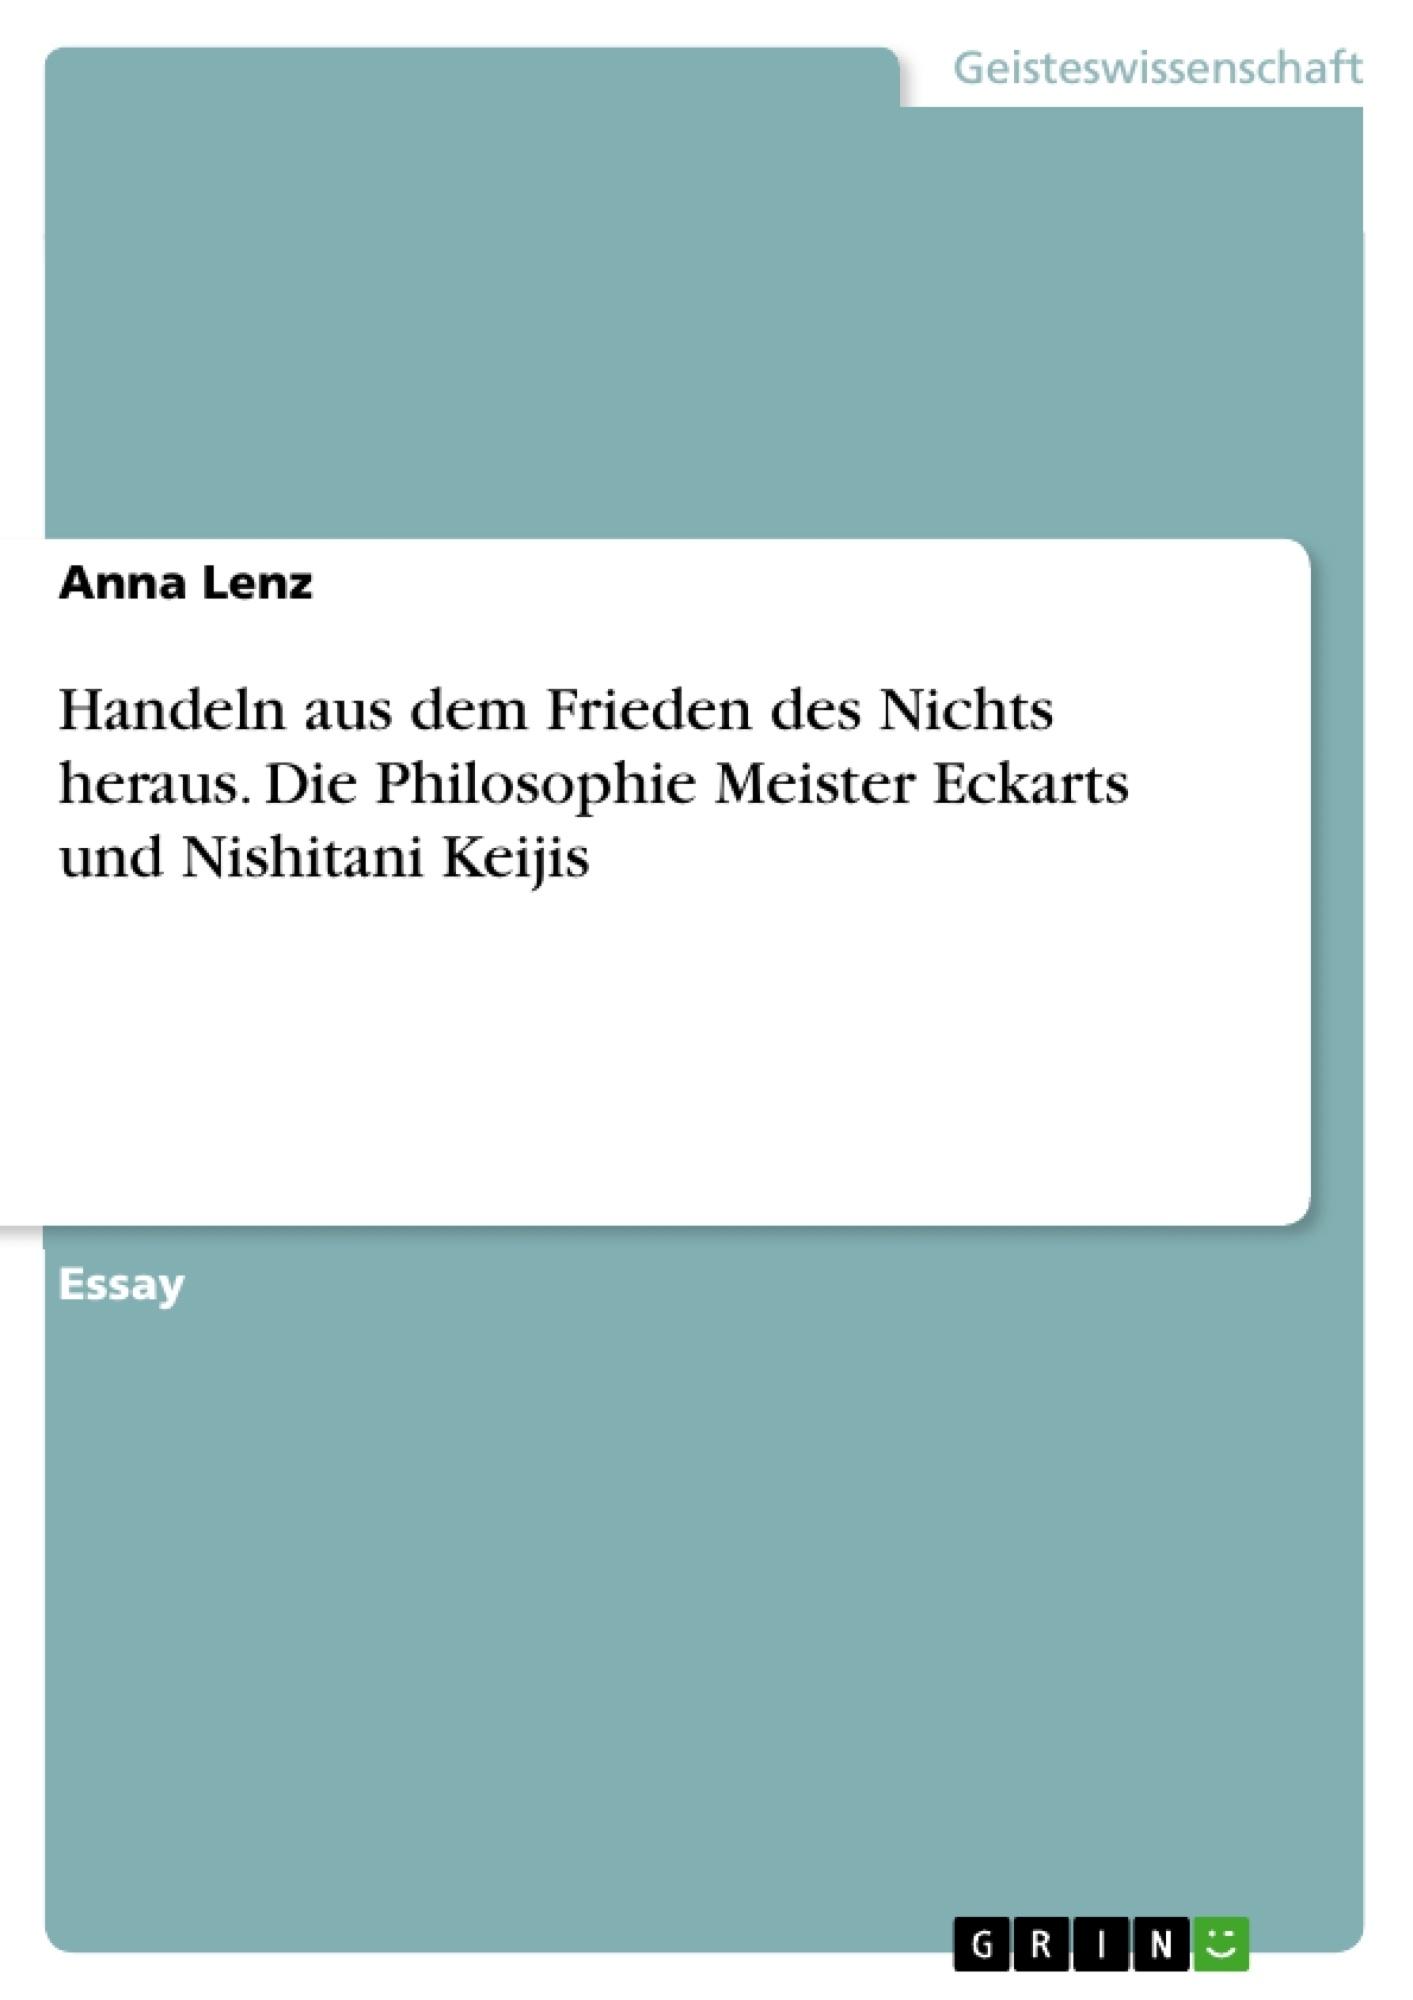 Titel: Handeln aus dem Frieden des Nichts heraus. Die Philosophie Meister Eckarts und Nishitani Keijis